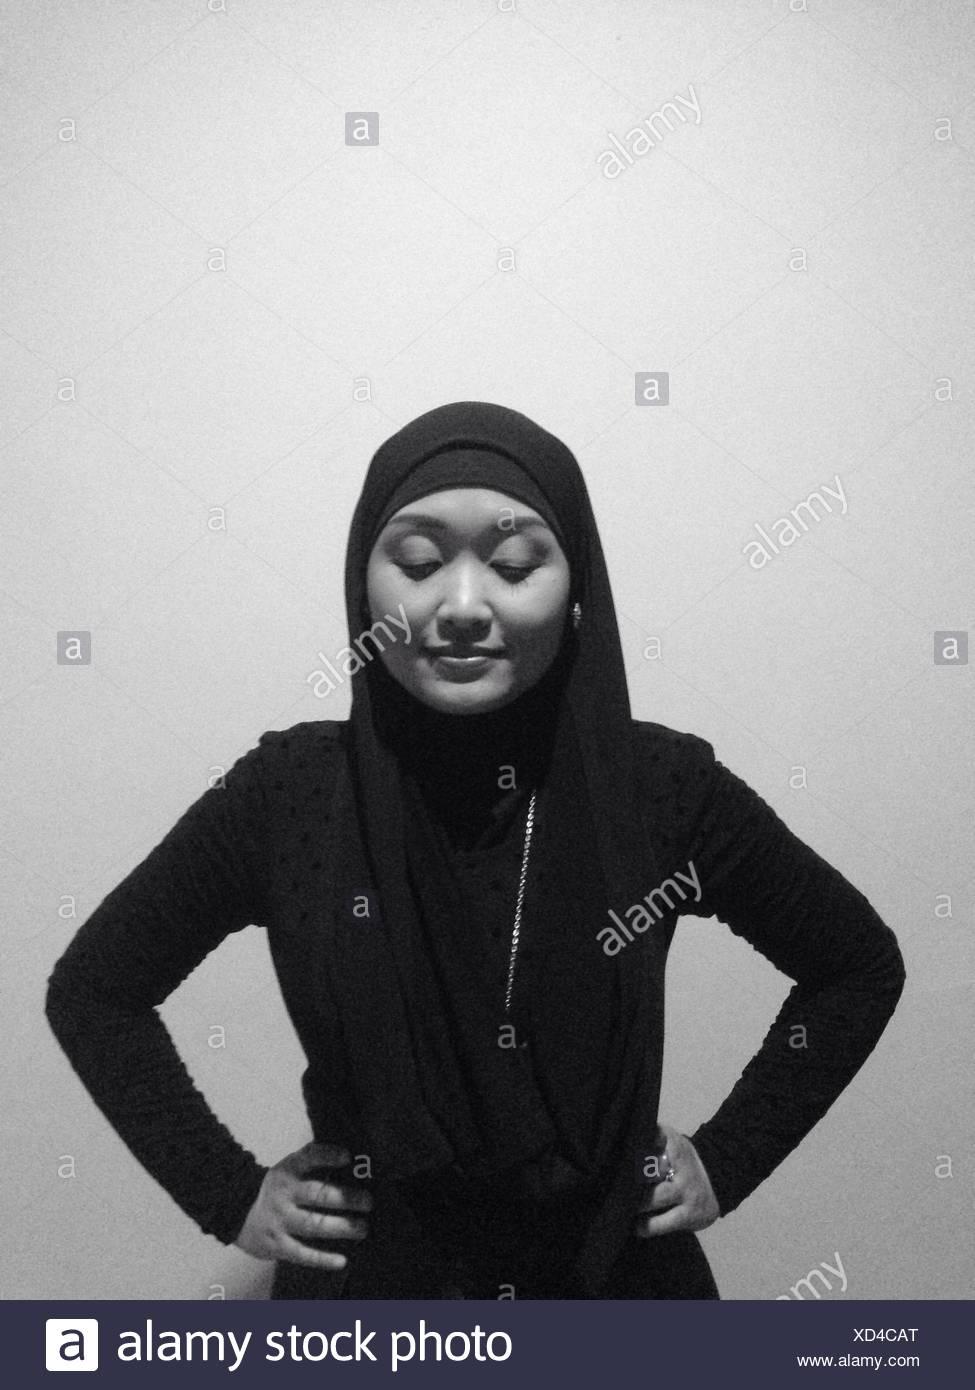 Stock Vestita Studio Immagine amp; Ritratto Nero Di Foto Donna Hijab faOaRzqU